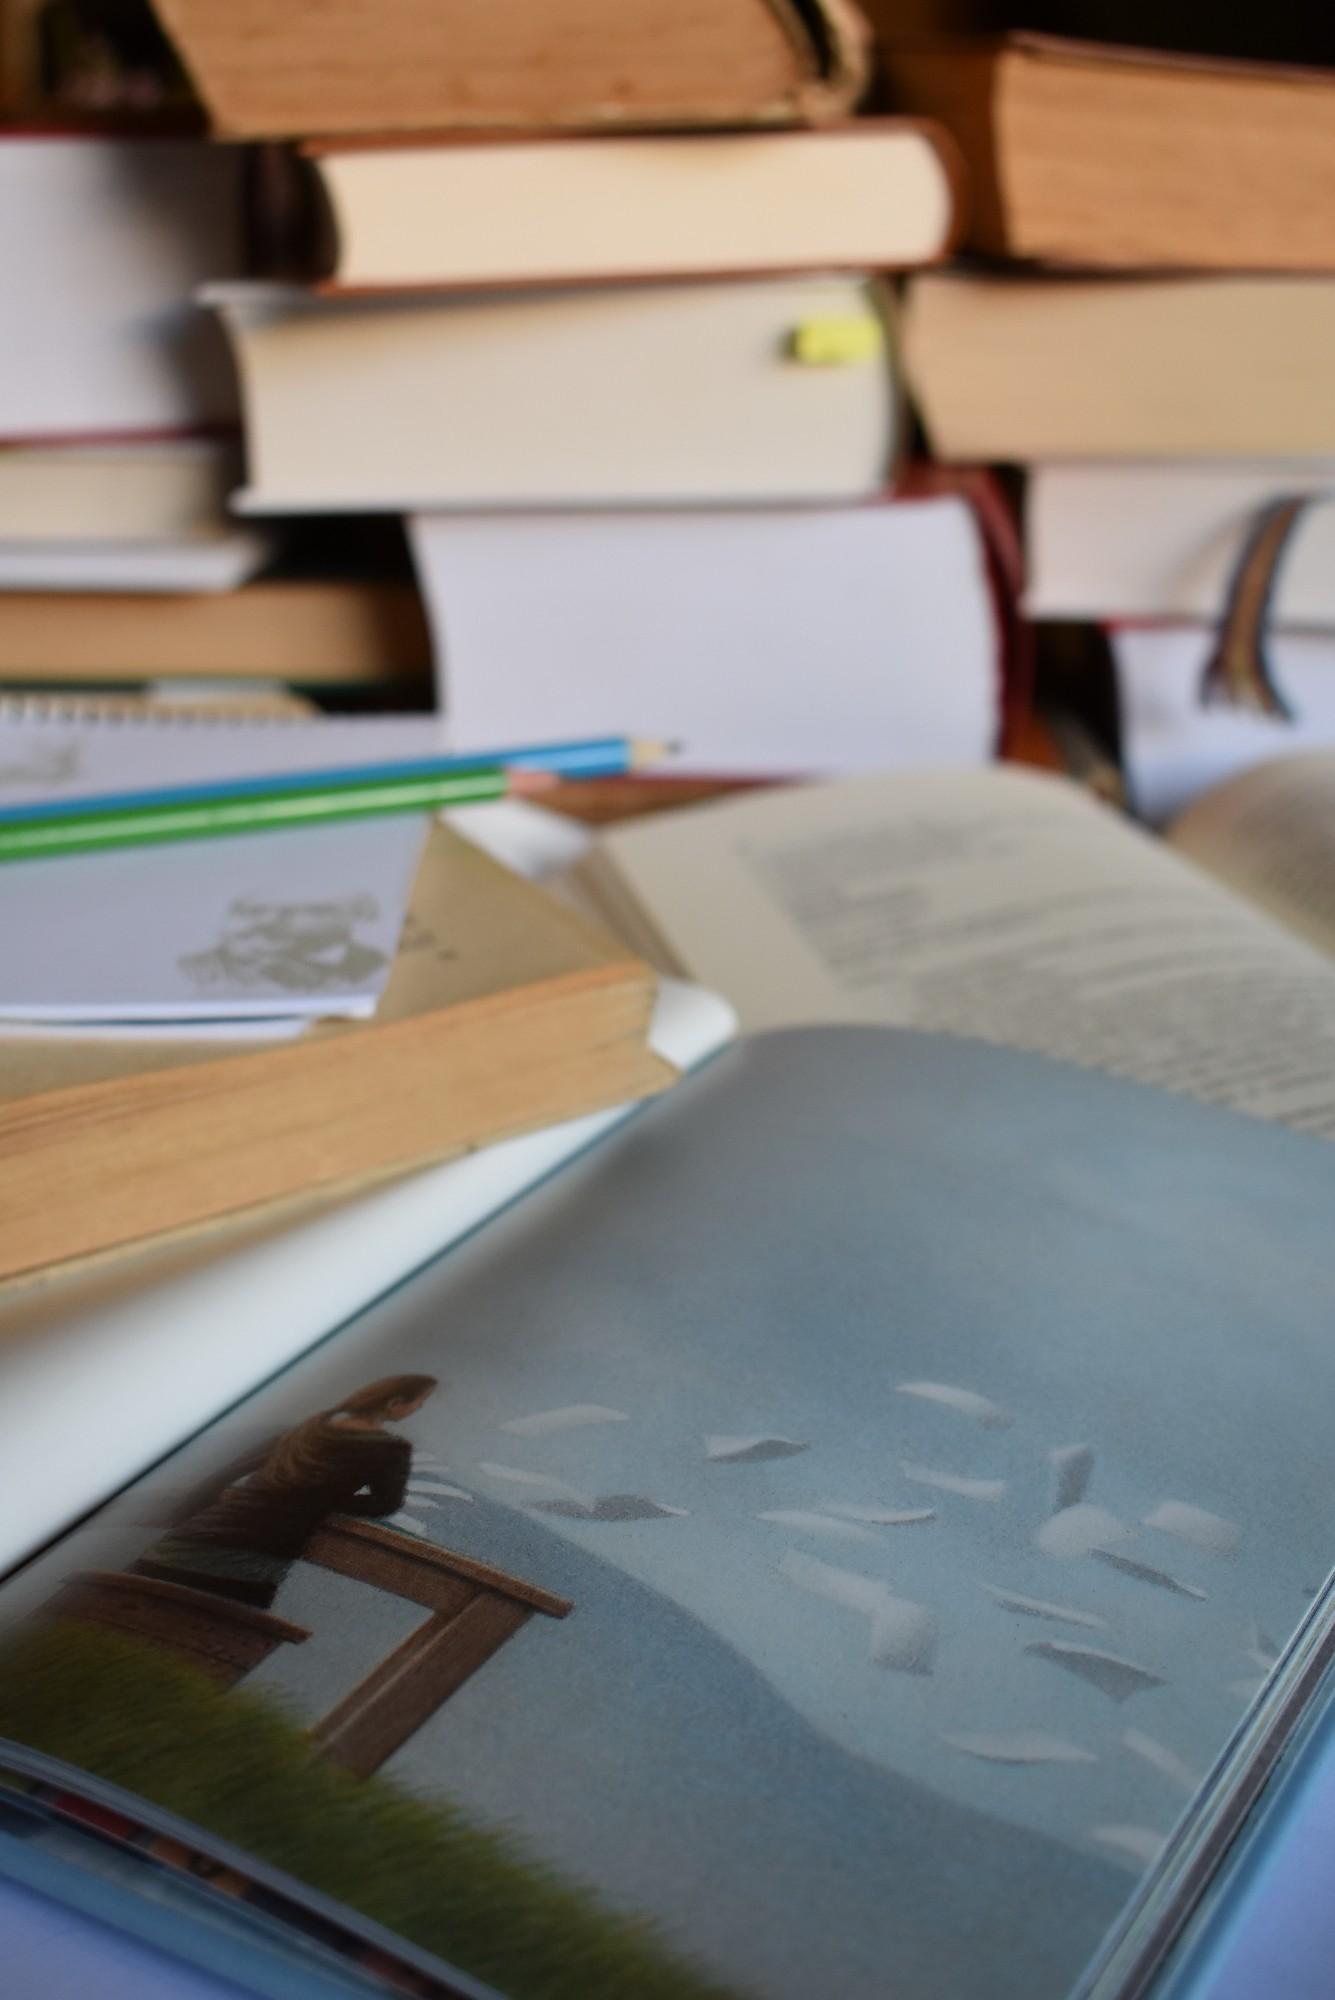 Literārā akadēmija atsāk darbu